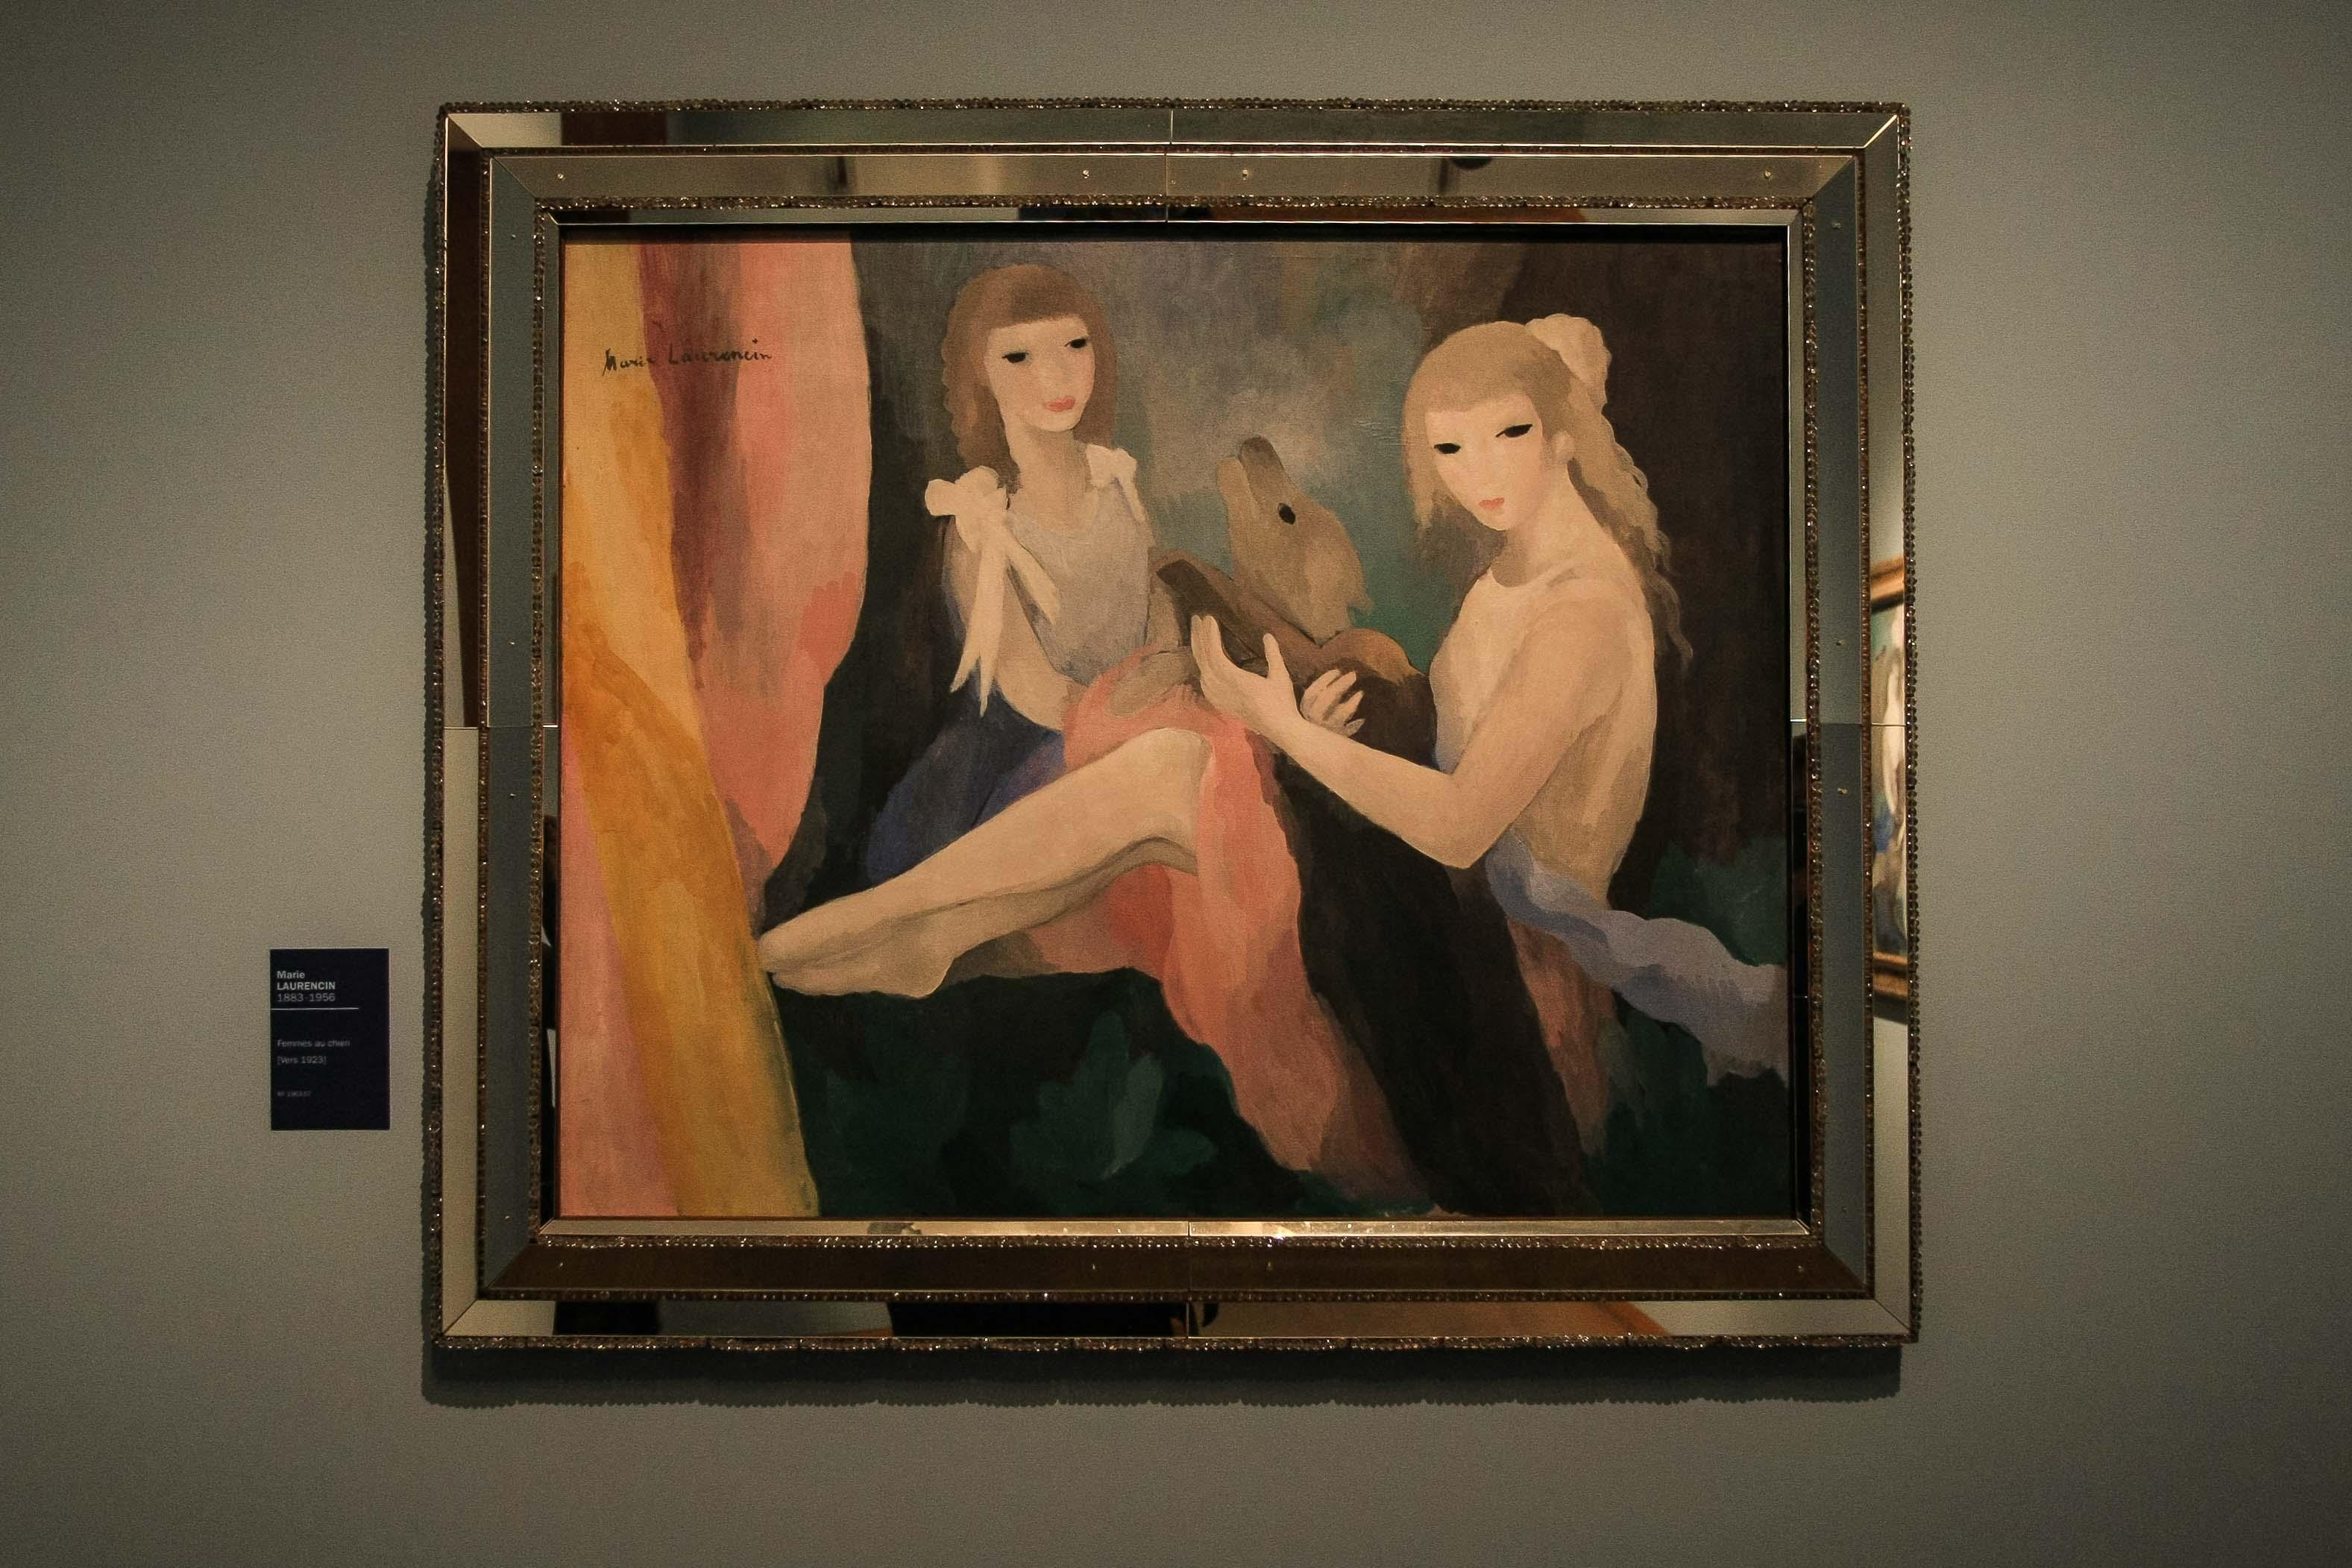 【フランス旅行】パリ オランジュリー美術館 マリー・ローランサンの絵